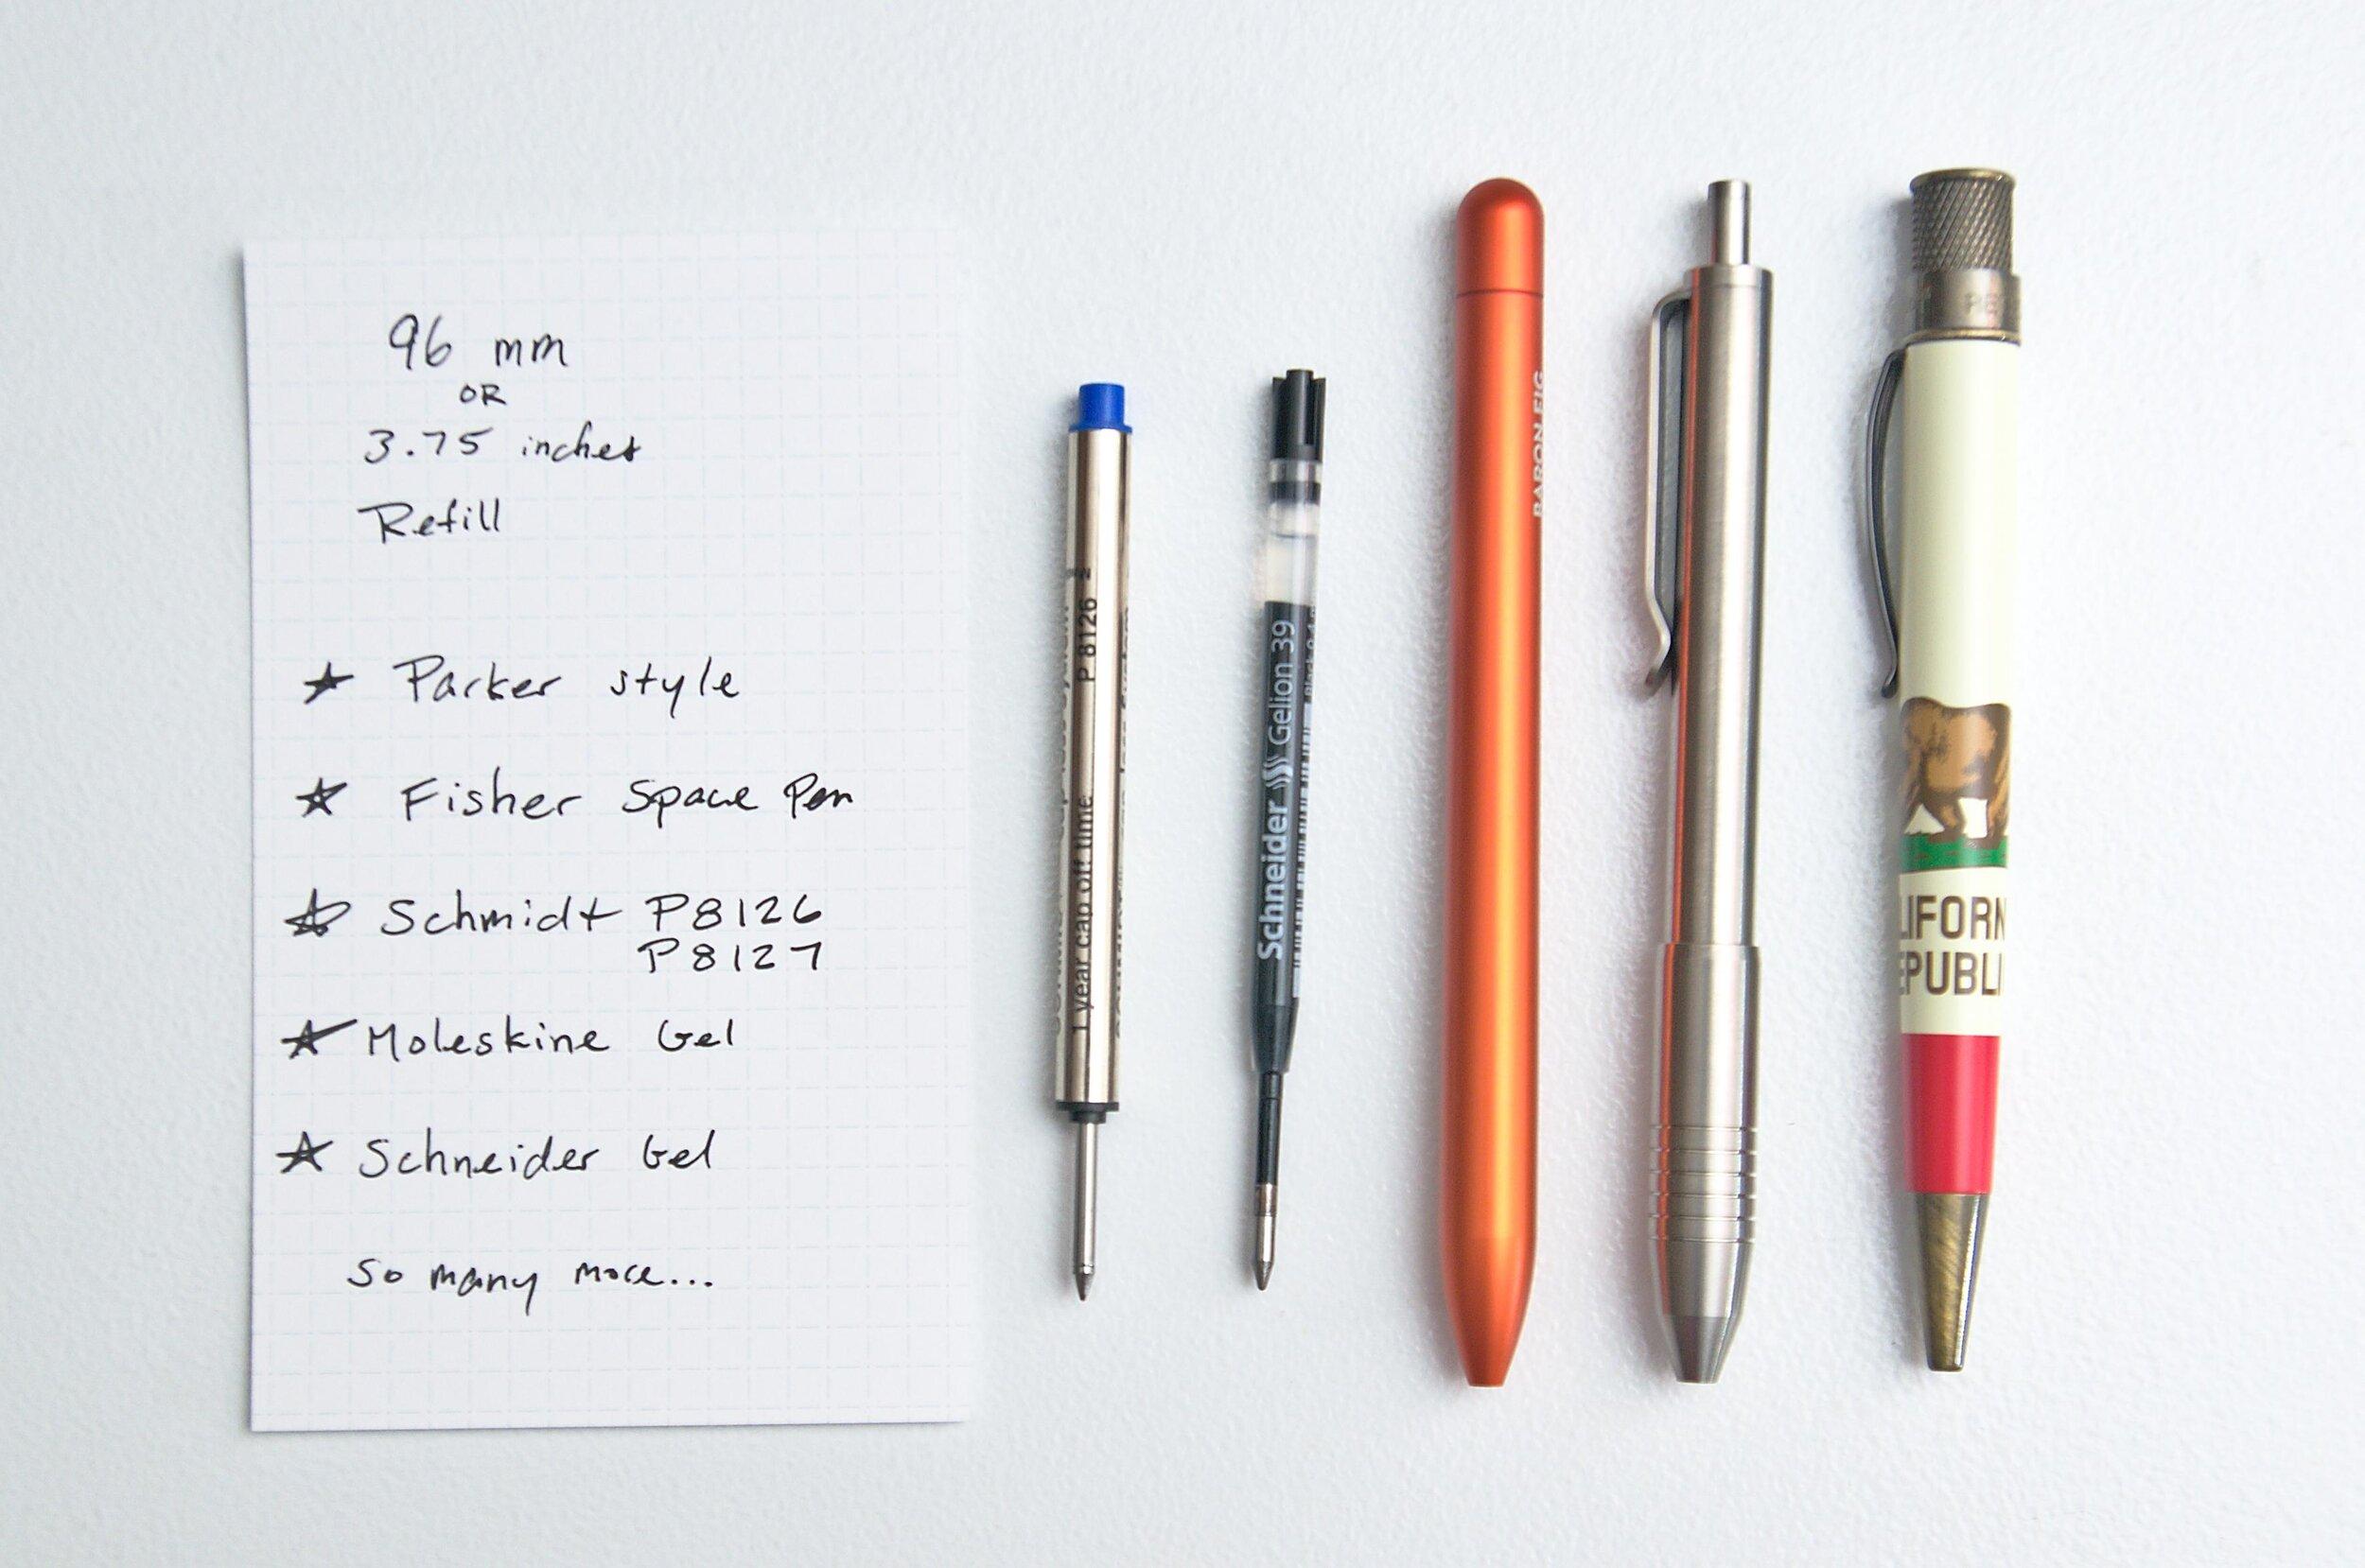 BIGiDESIGN Ti Click EDC Titanium Pen Refills